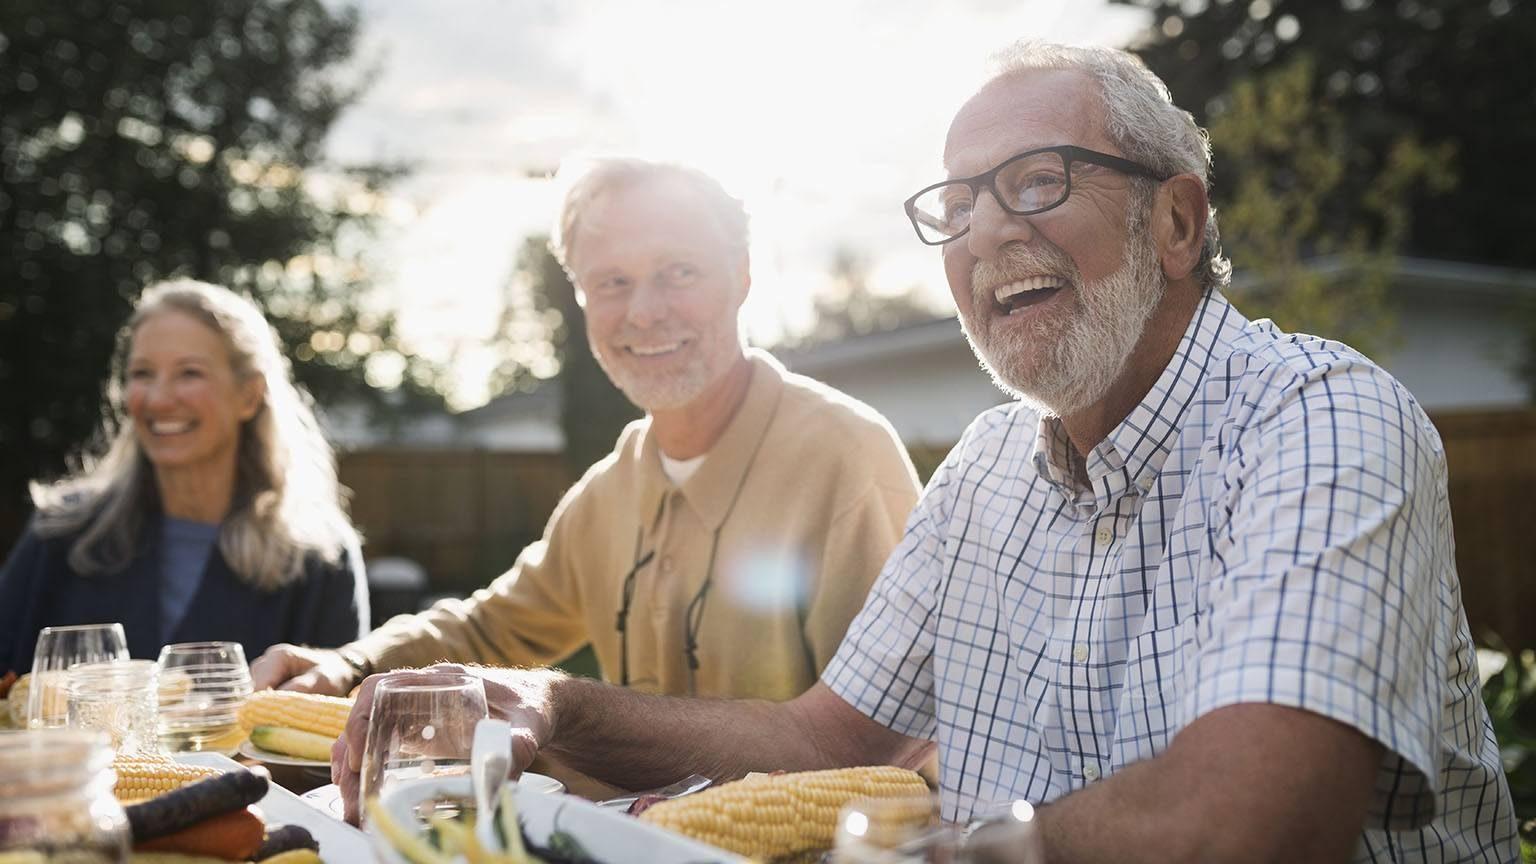 Laughing senior man